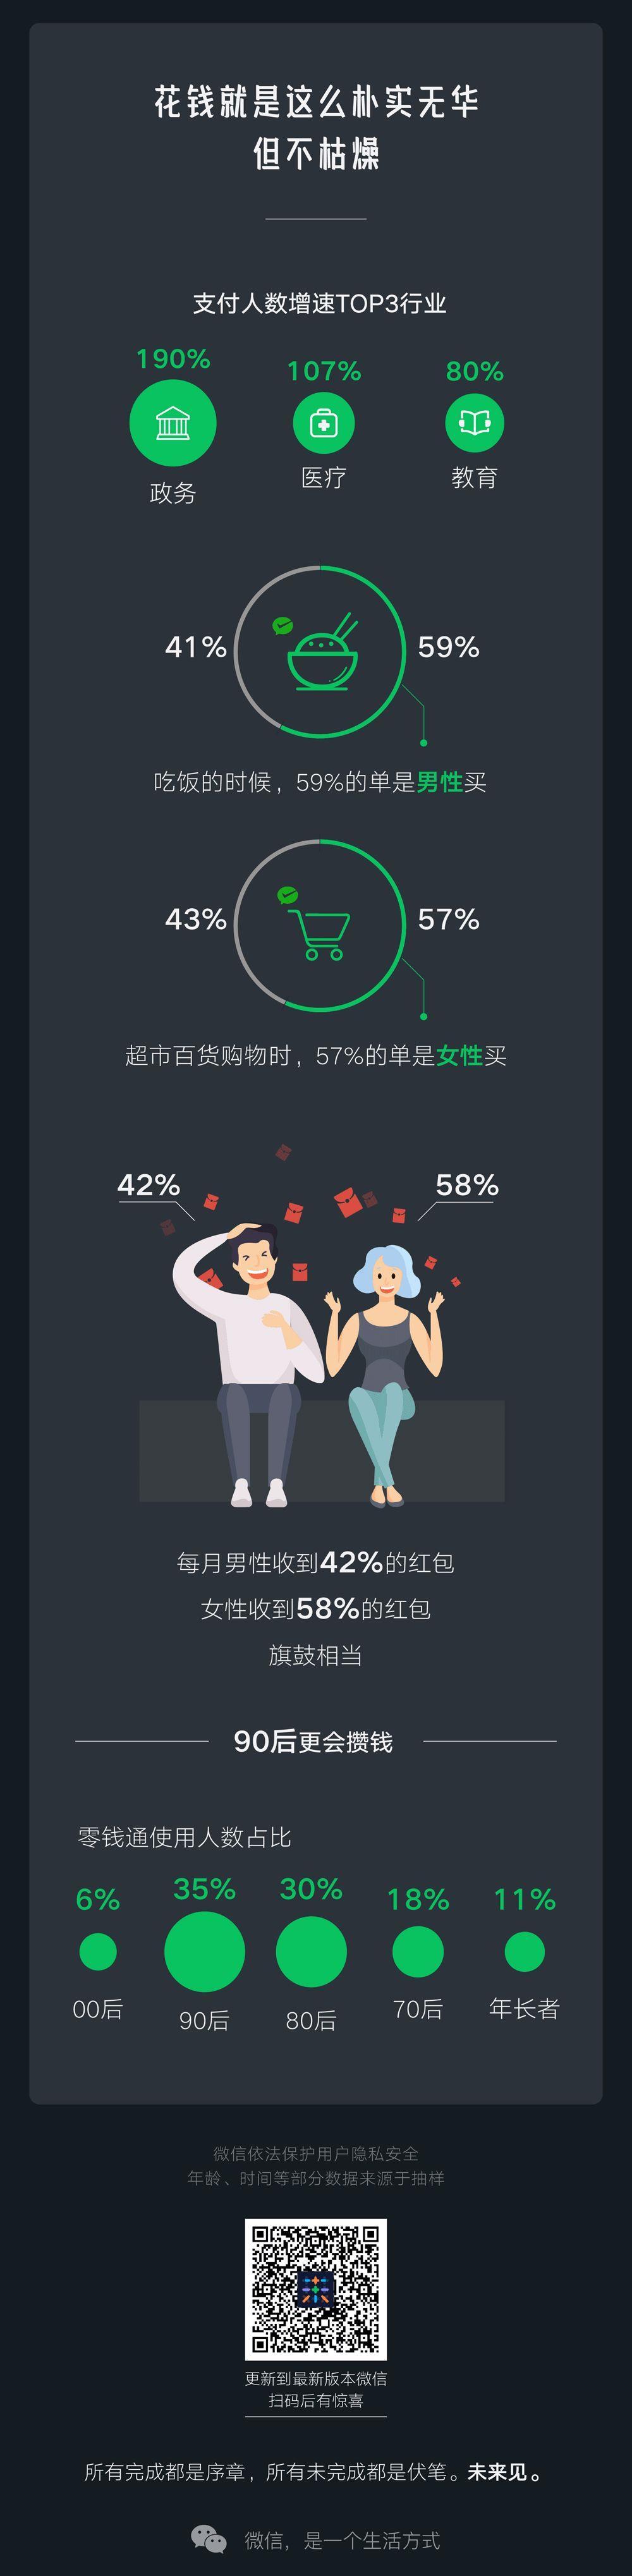 2019微信数据报告:最爱用的表情是它 人均每天走6932步